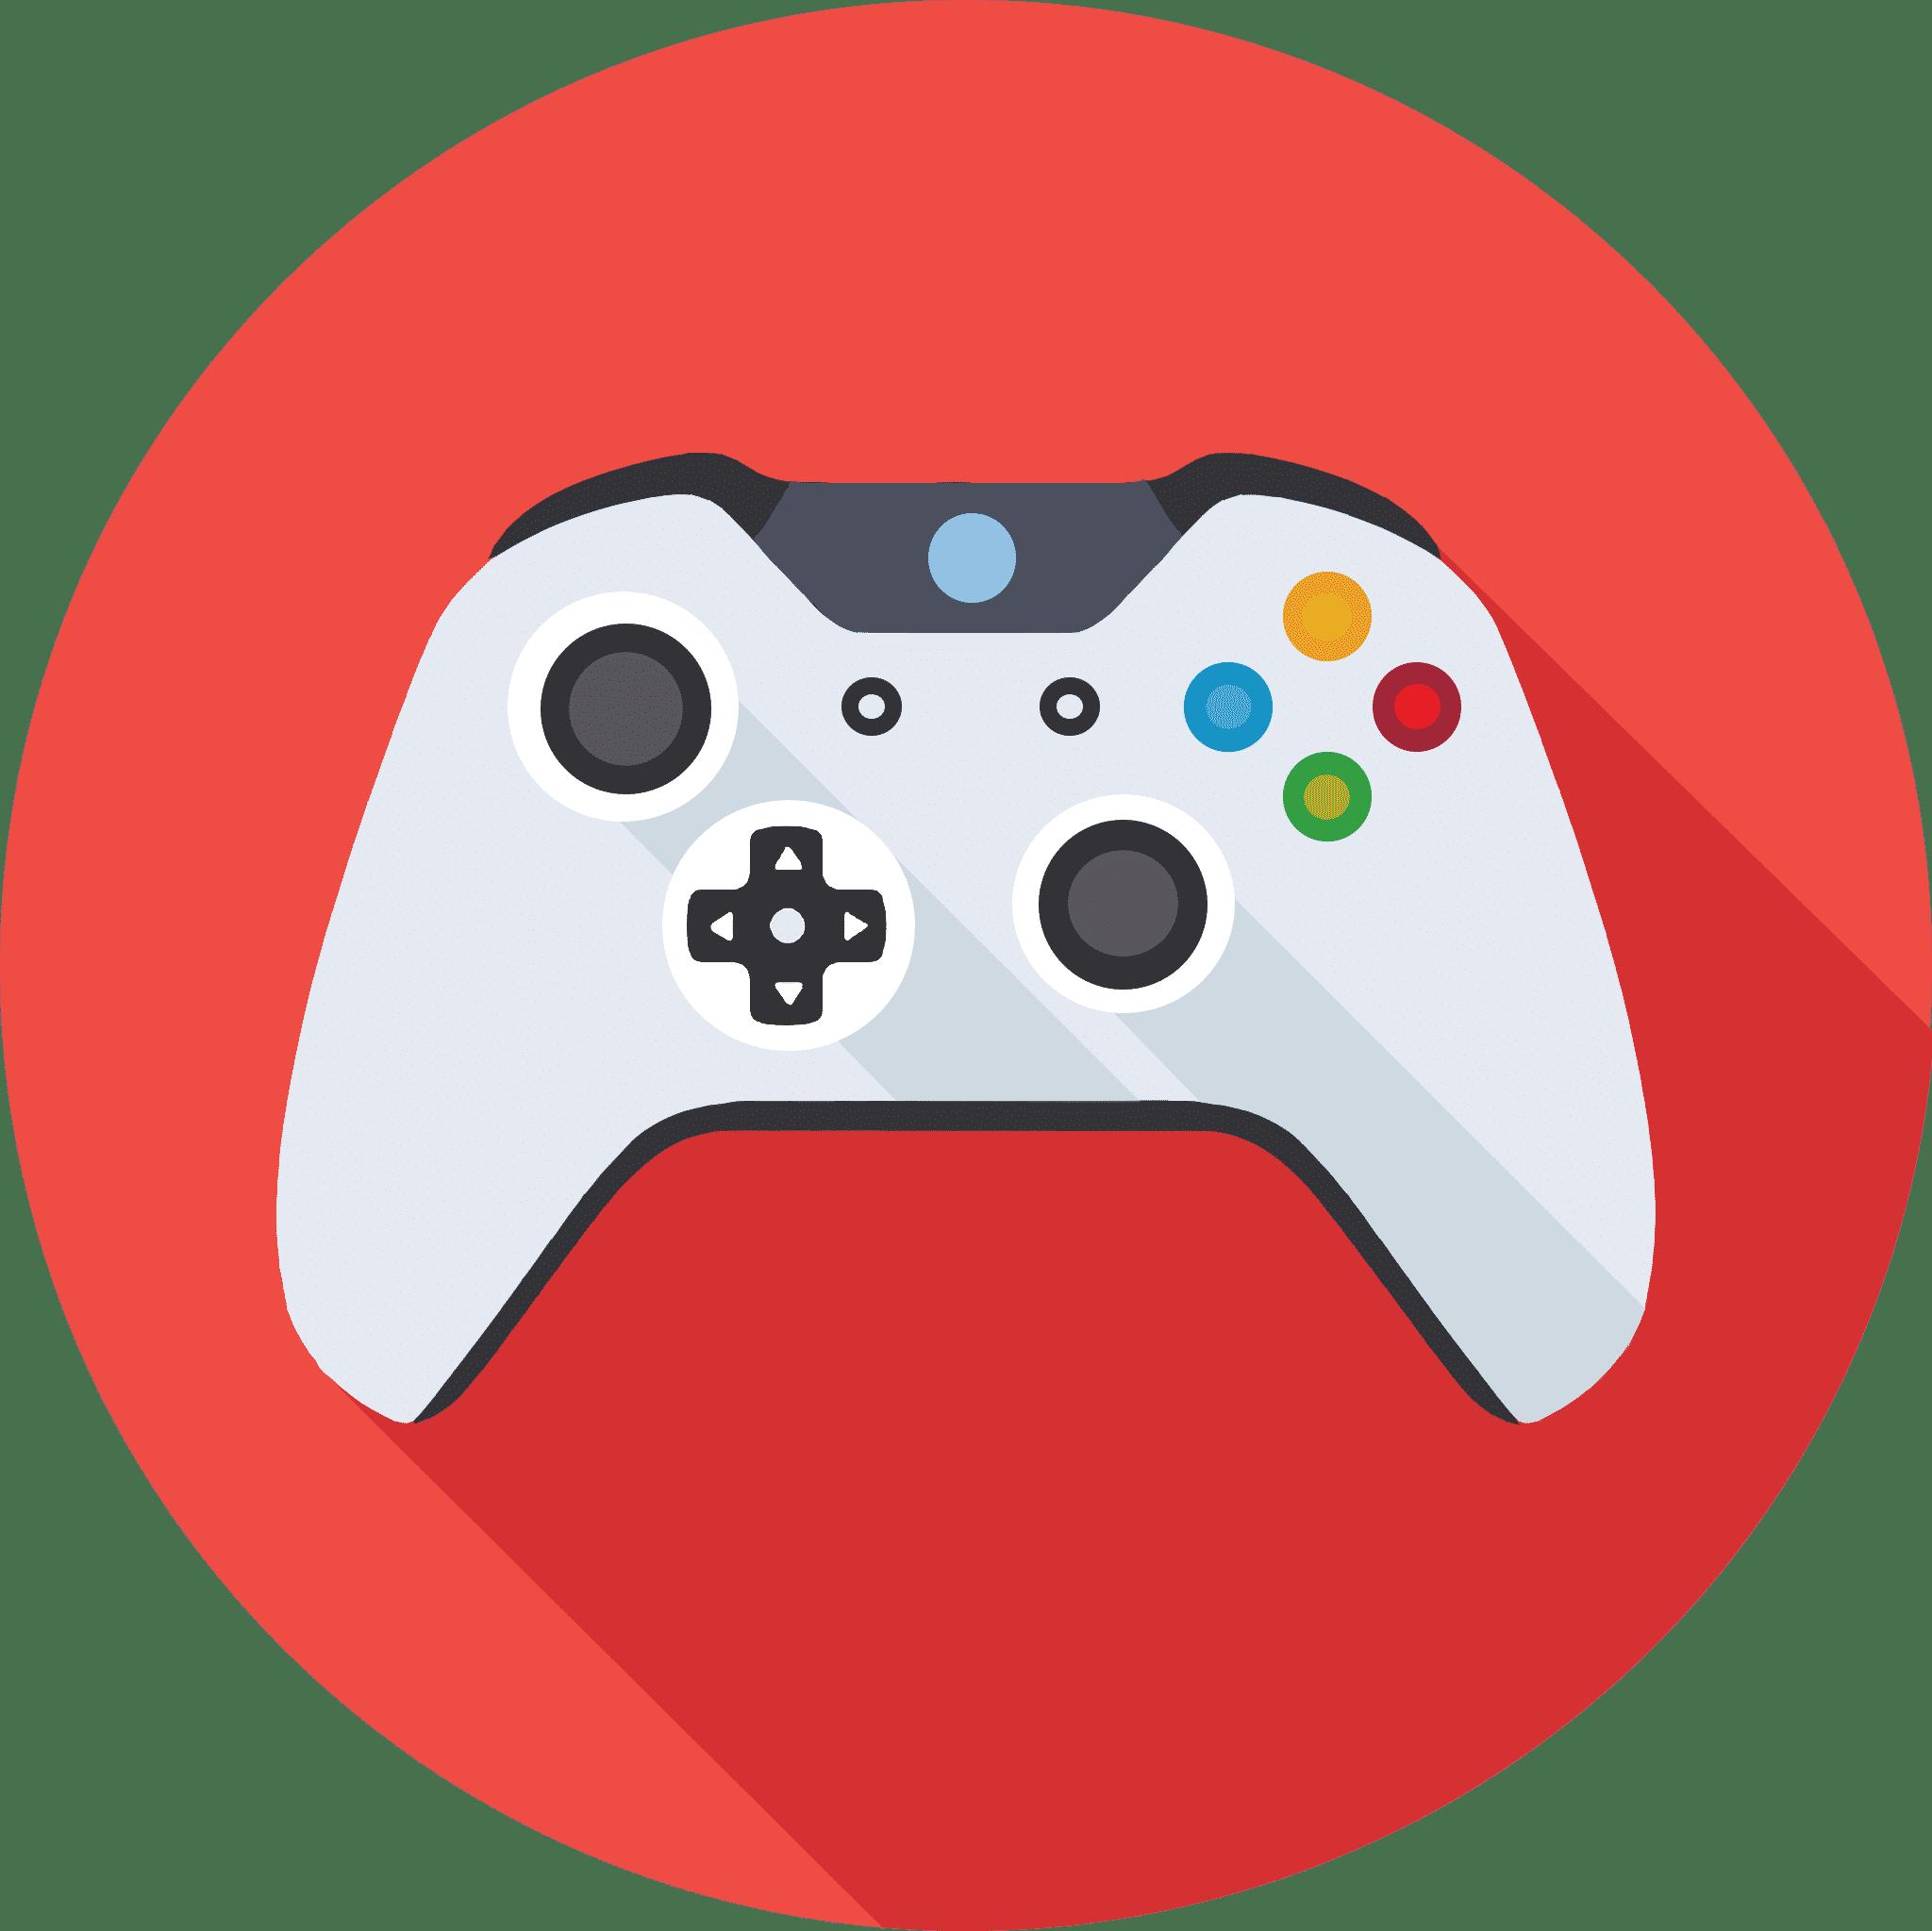 GameInstructor